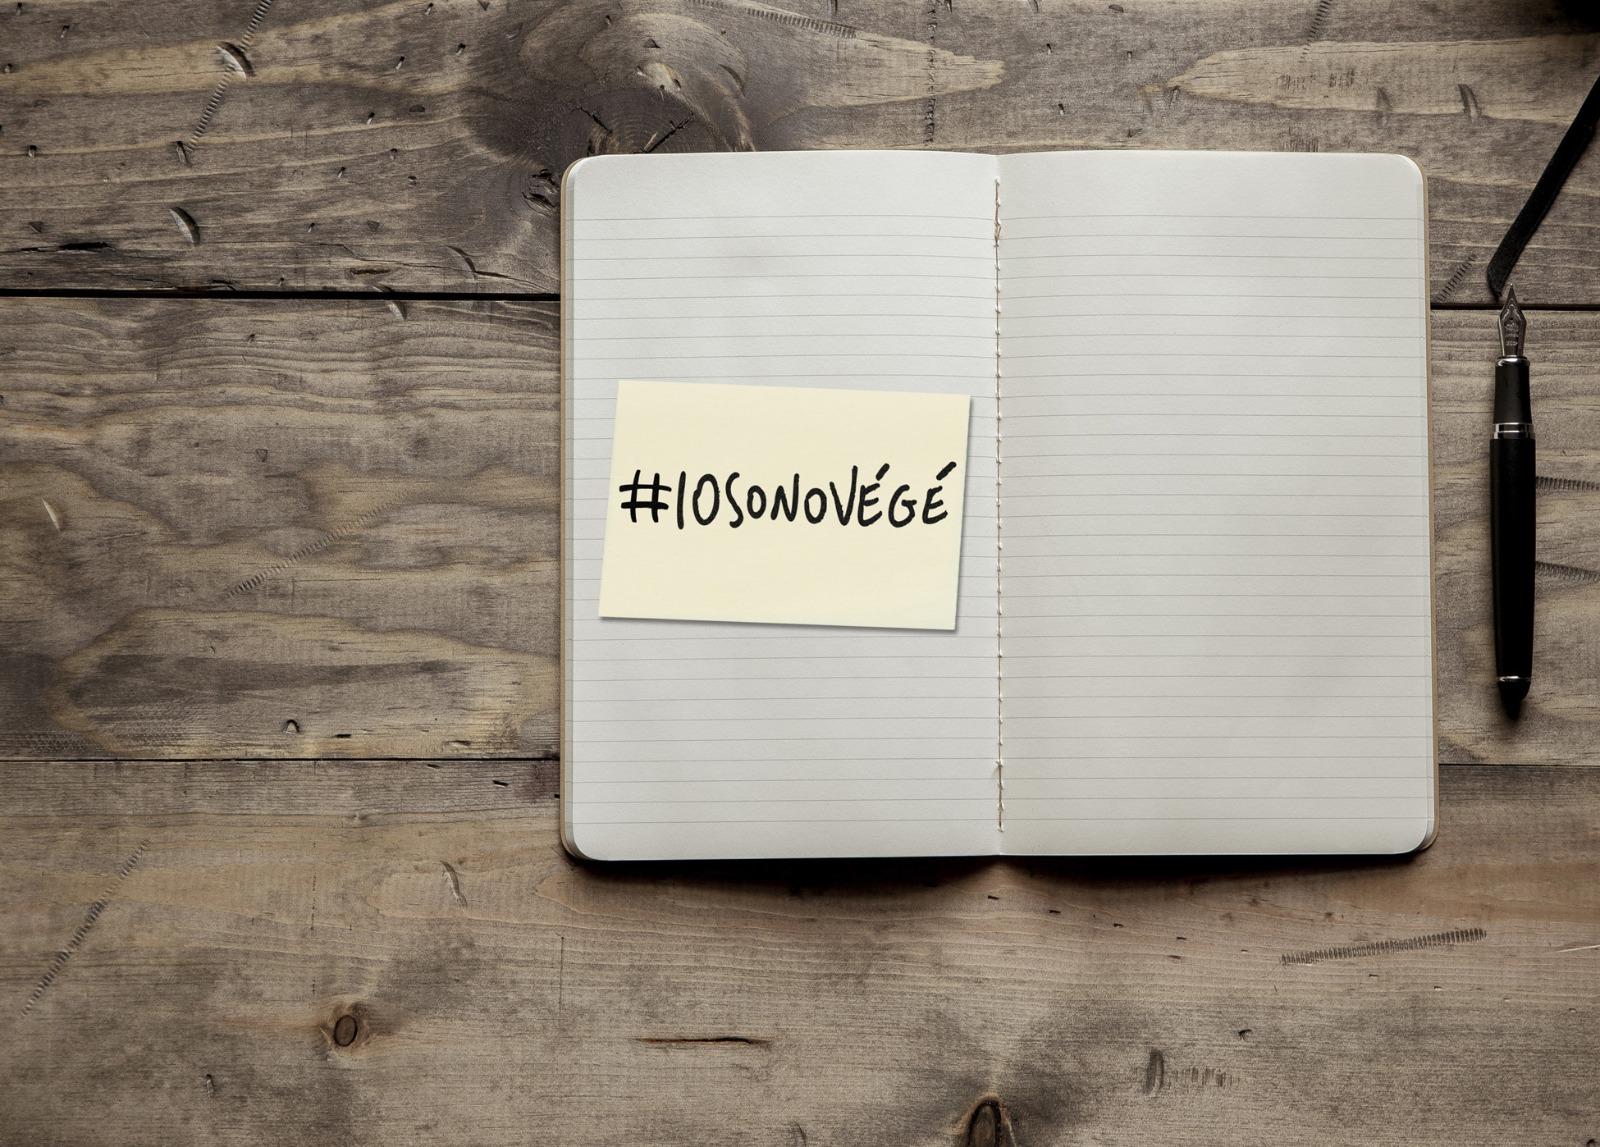 Hashtag #iosonovegé